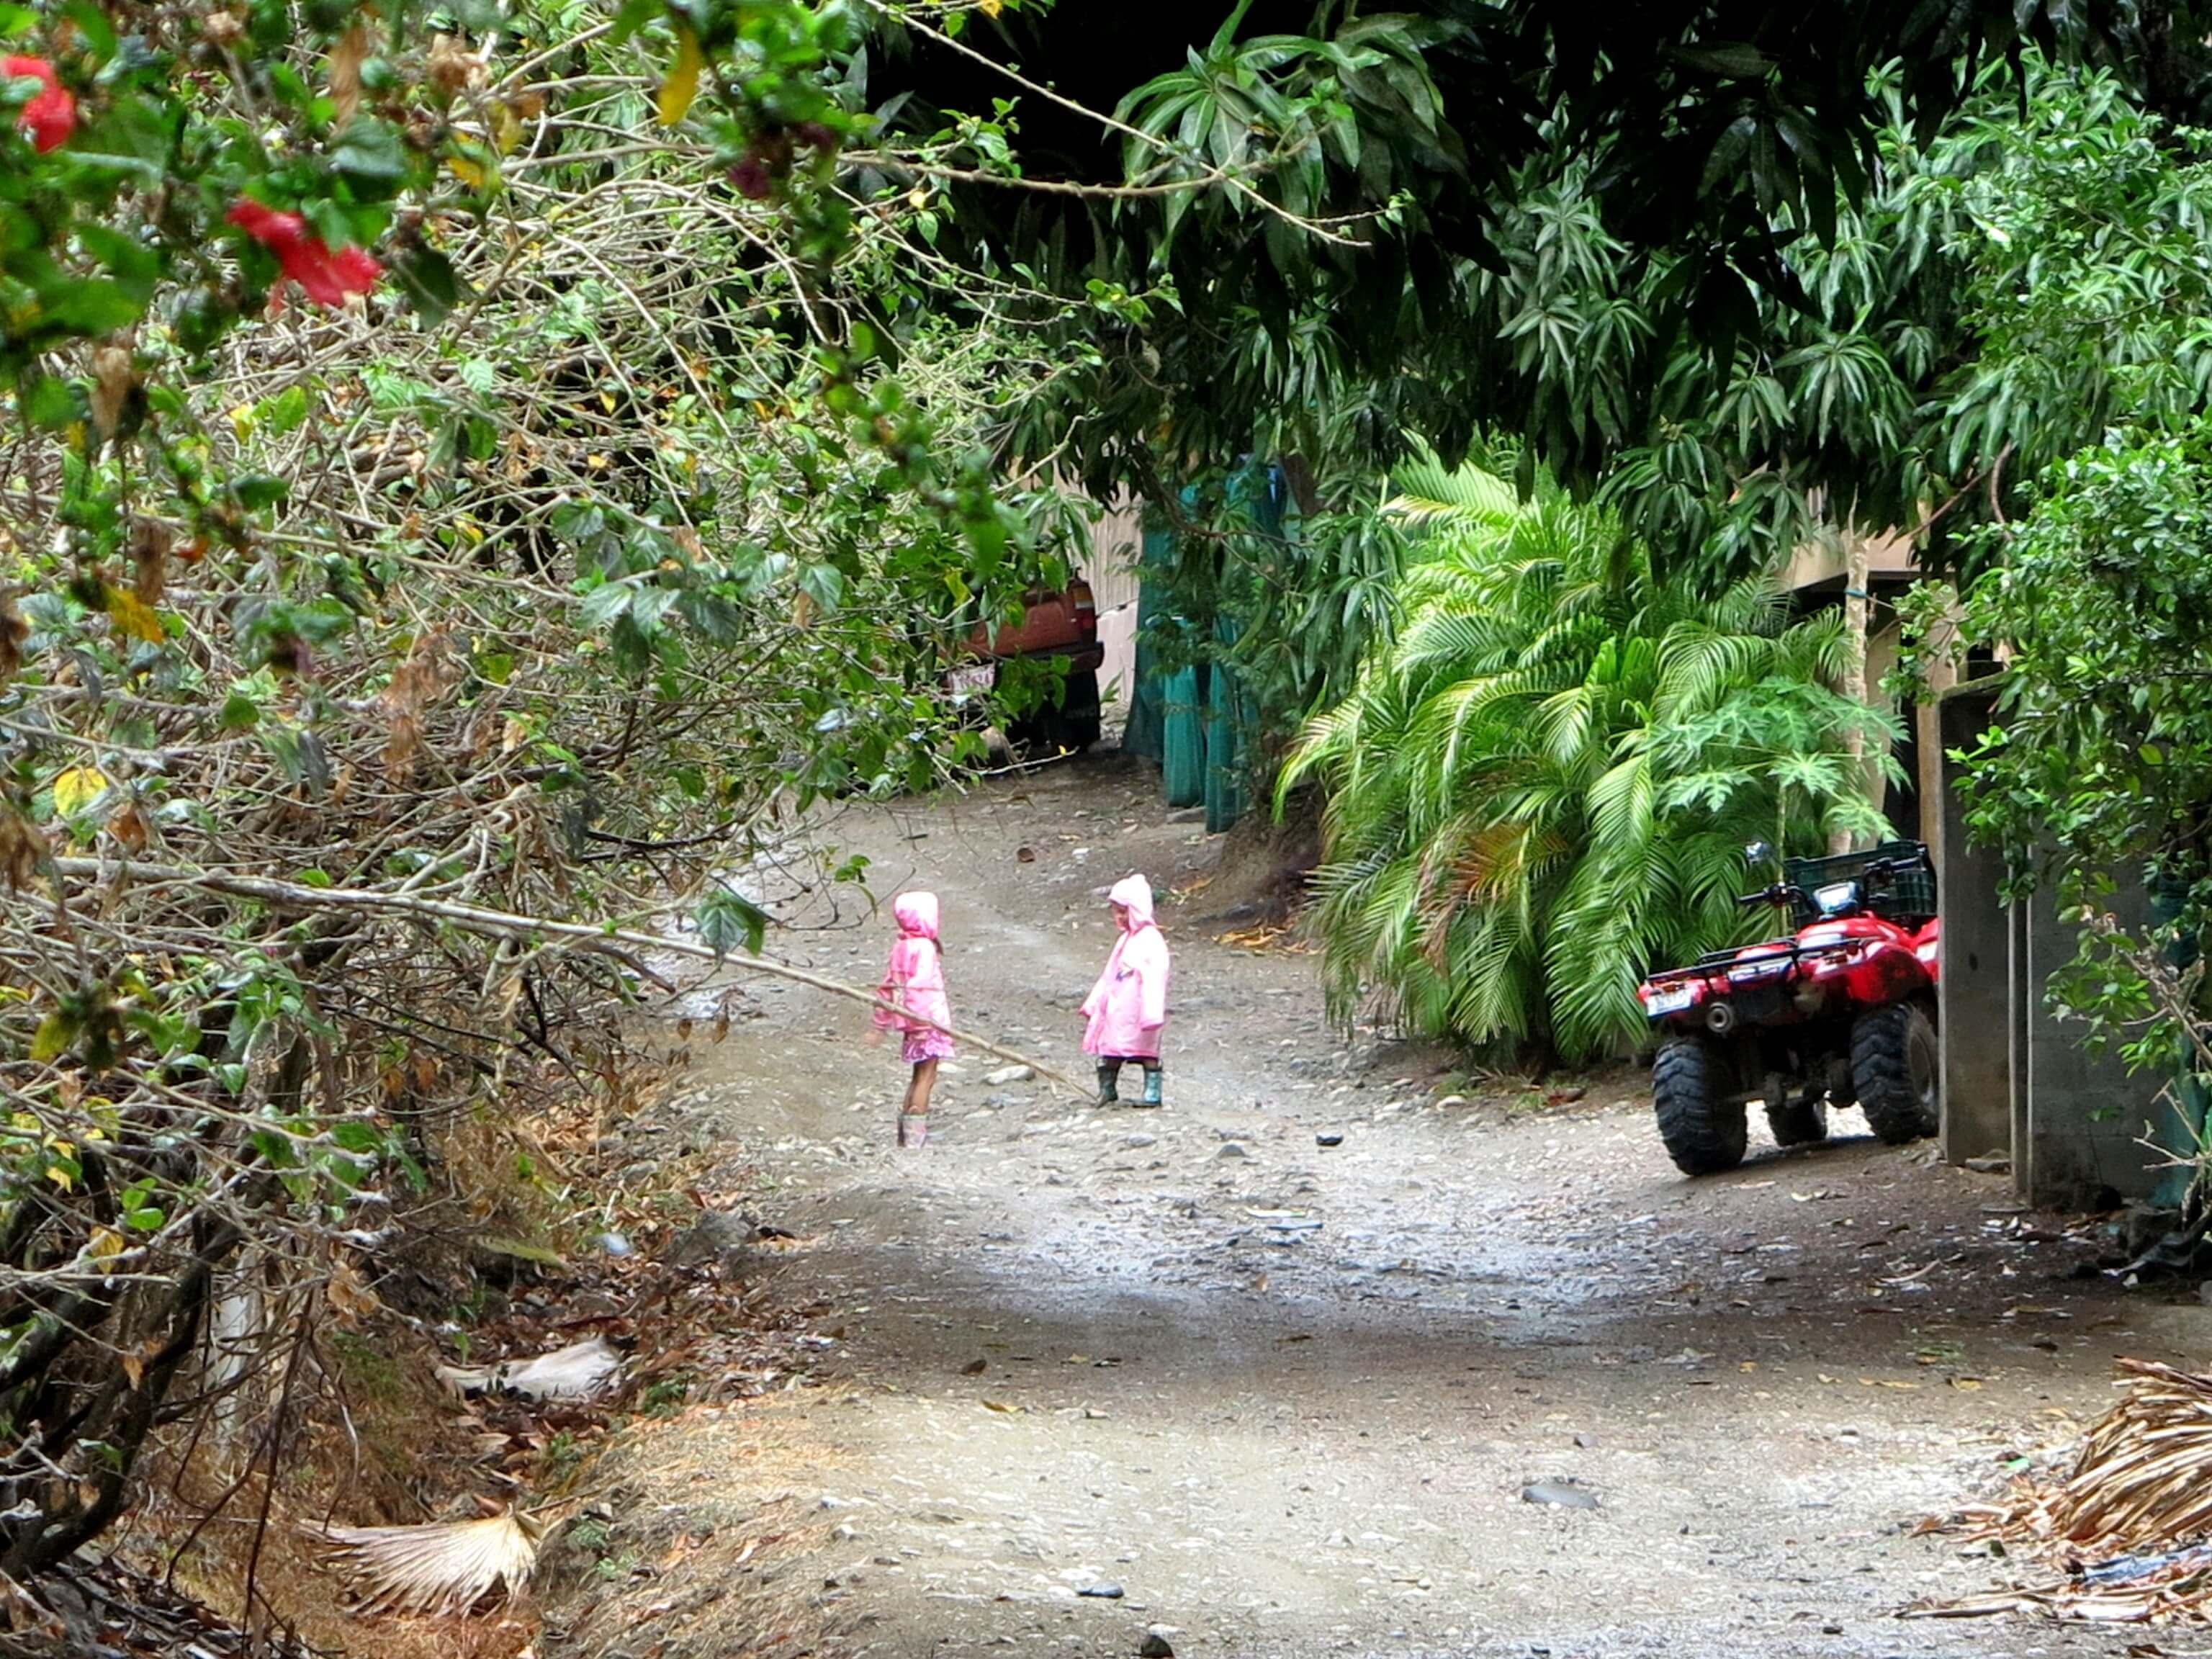 Tropenschauer sorgen für jede Menge Freude in Costa Rica